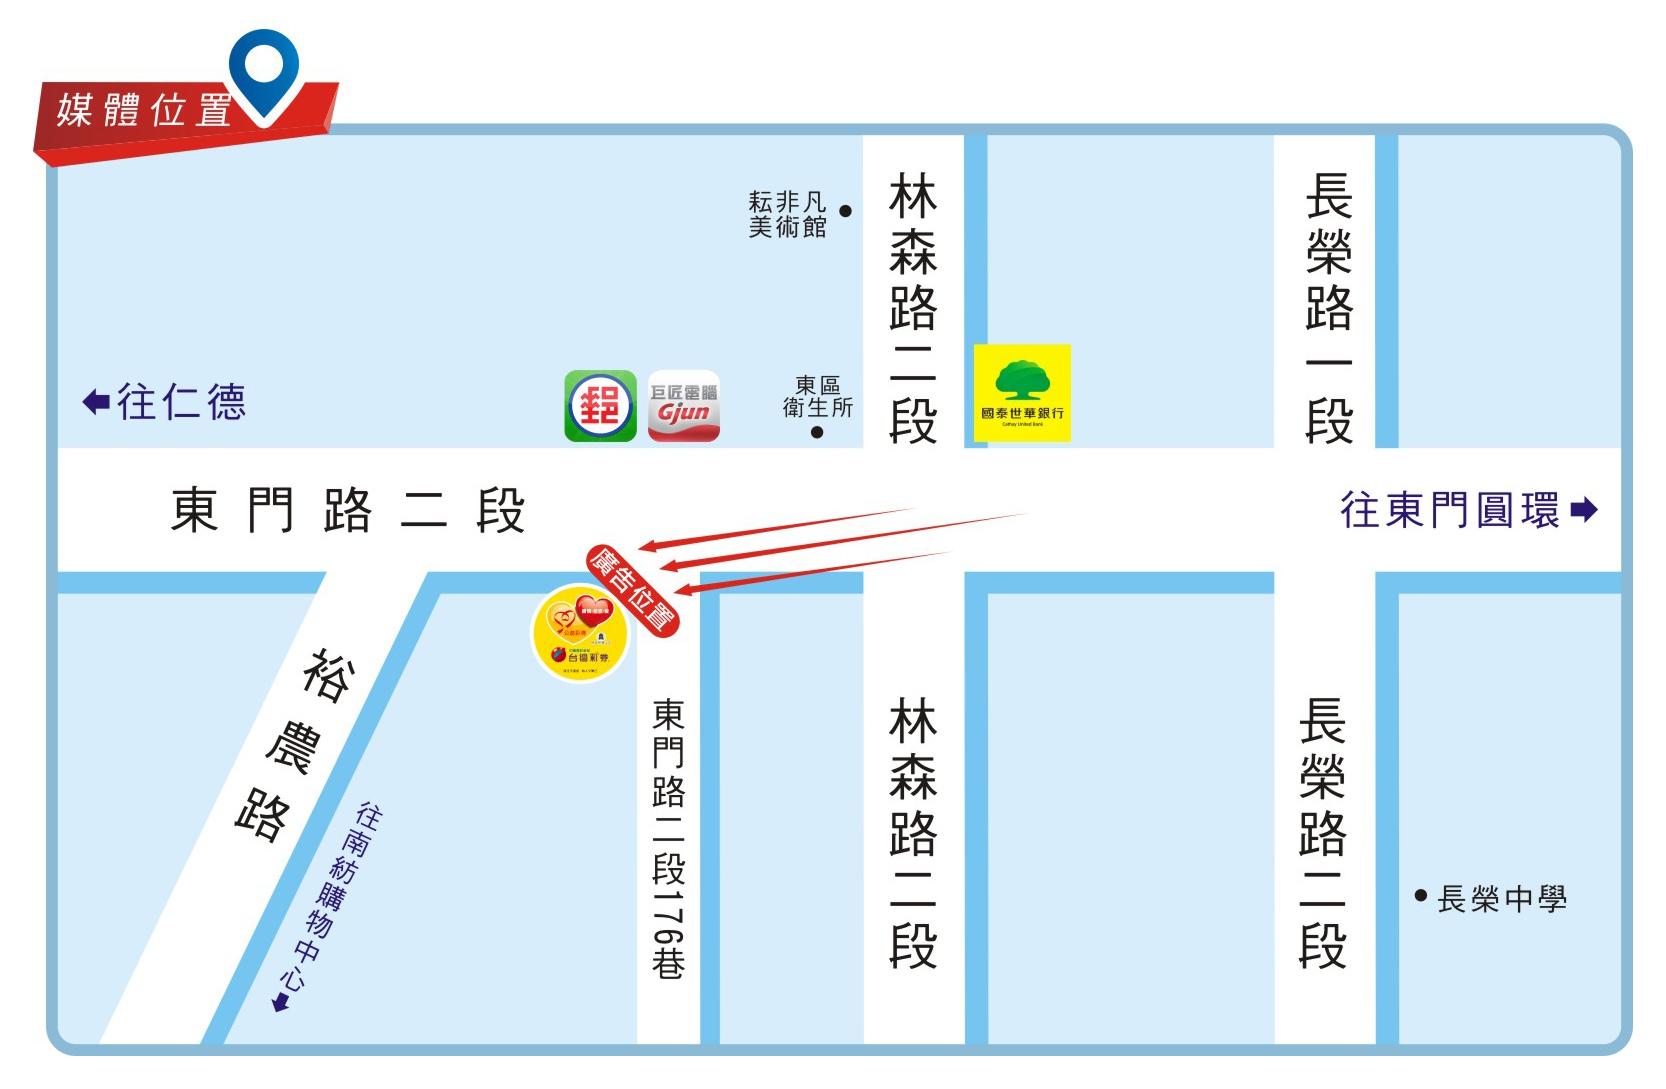 N-0792-近南紡購物中心 、東門圓環